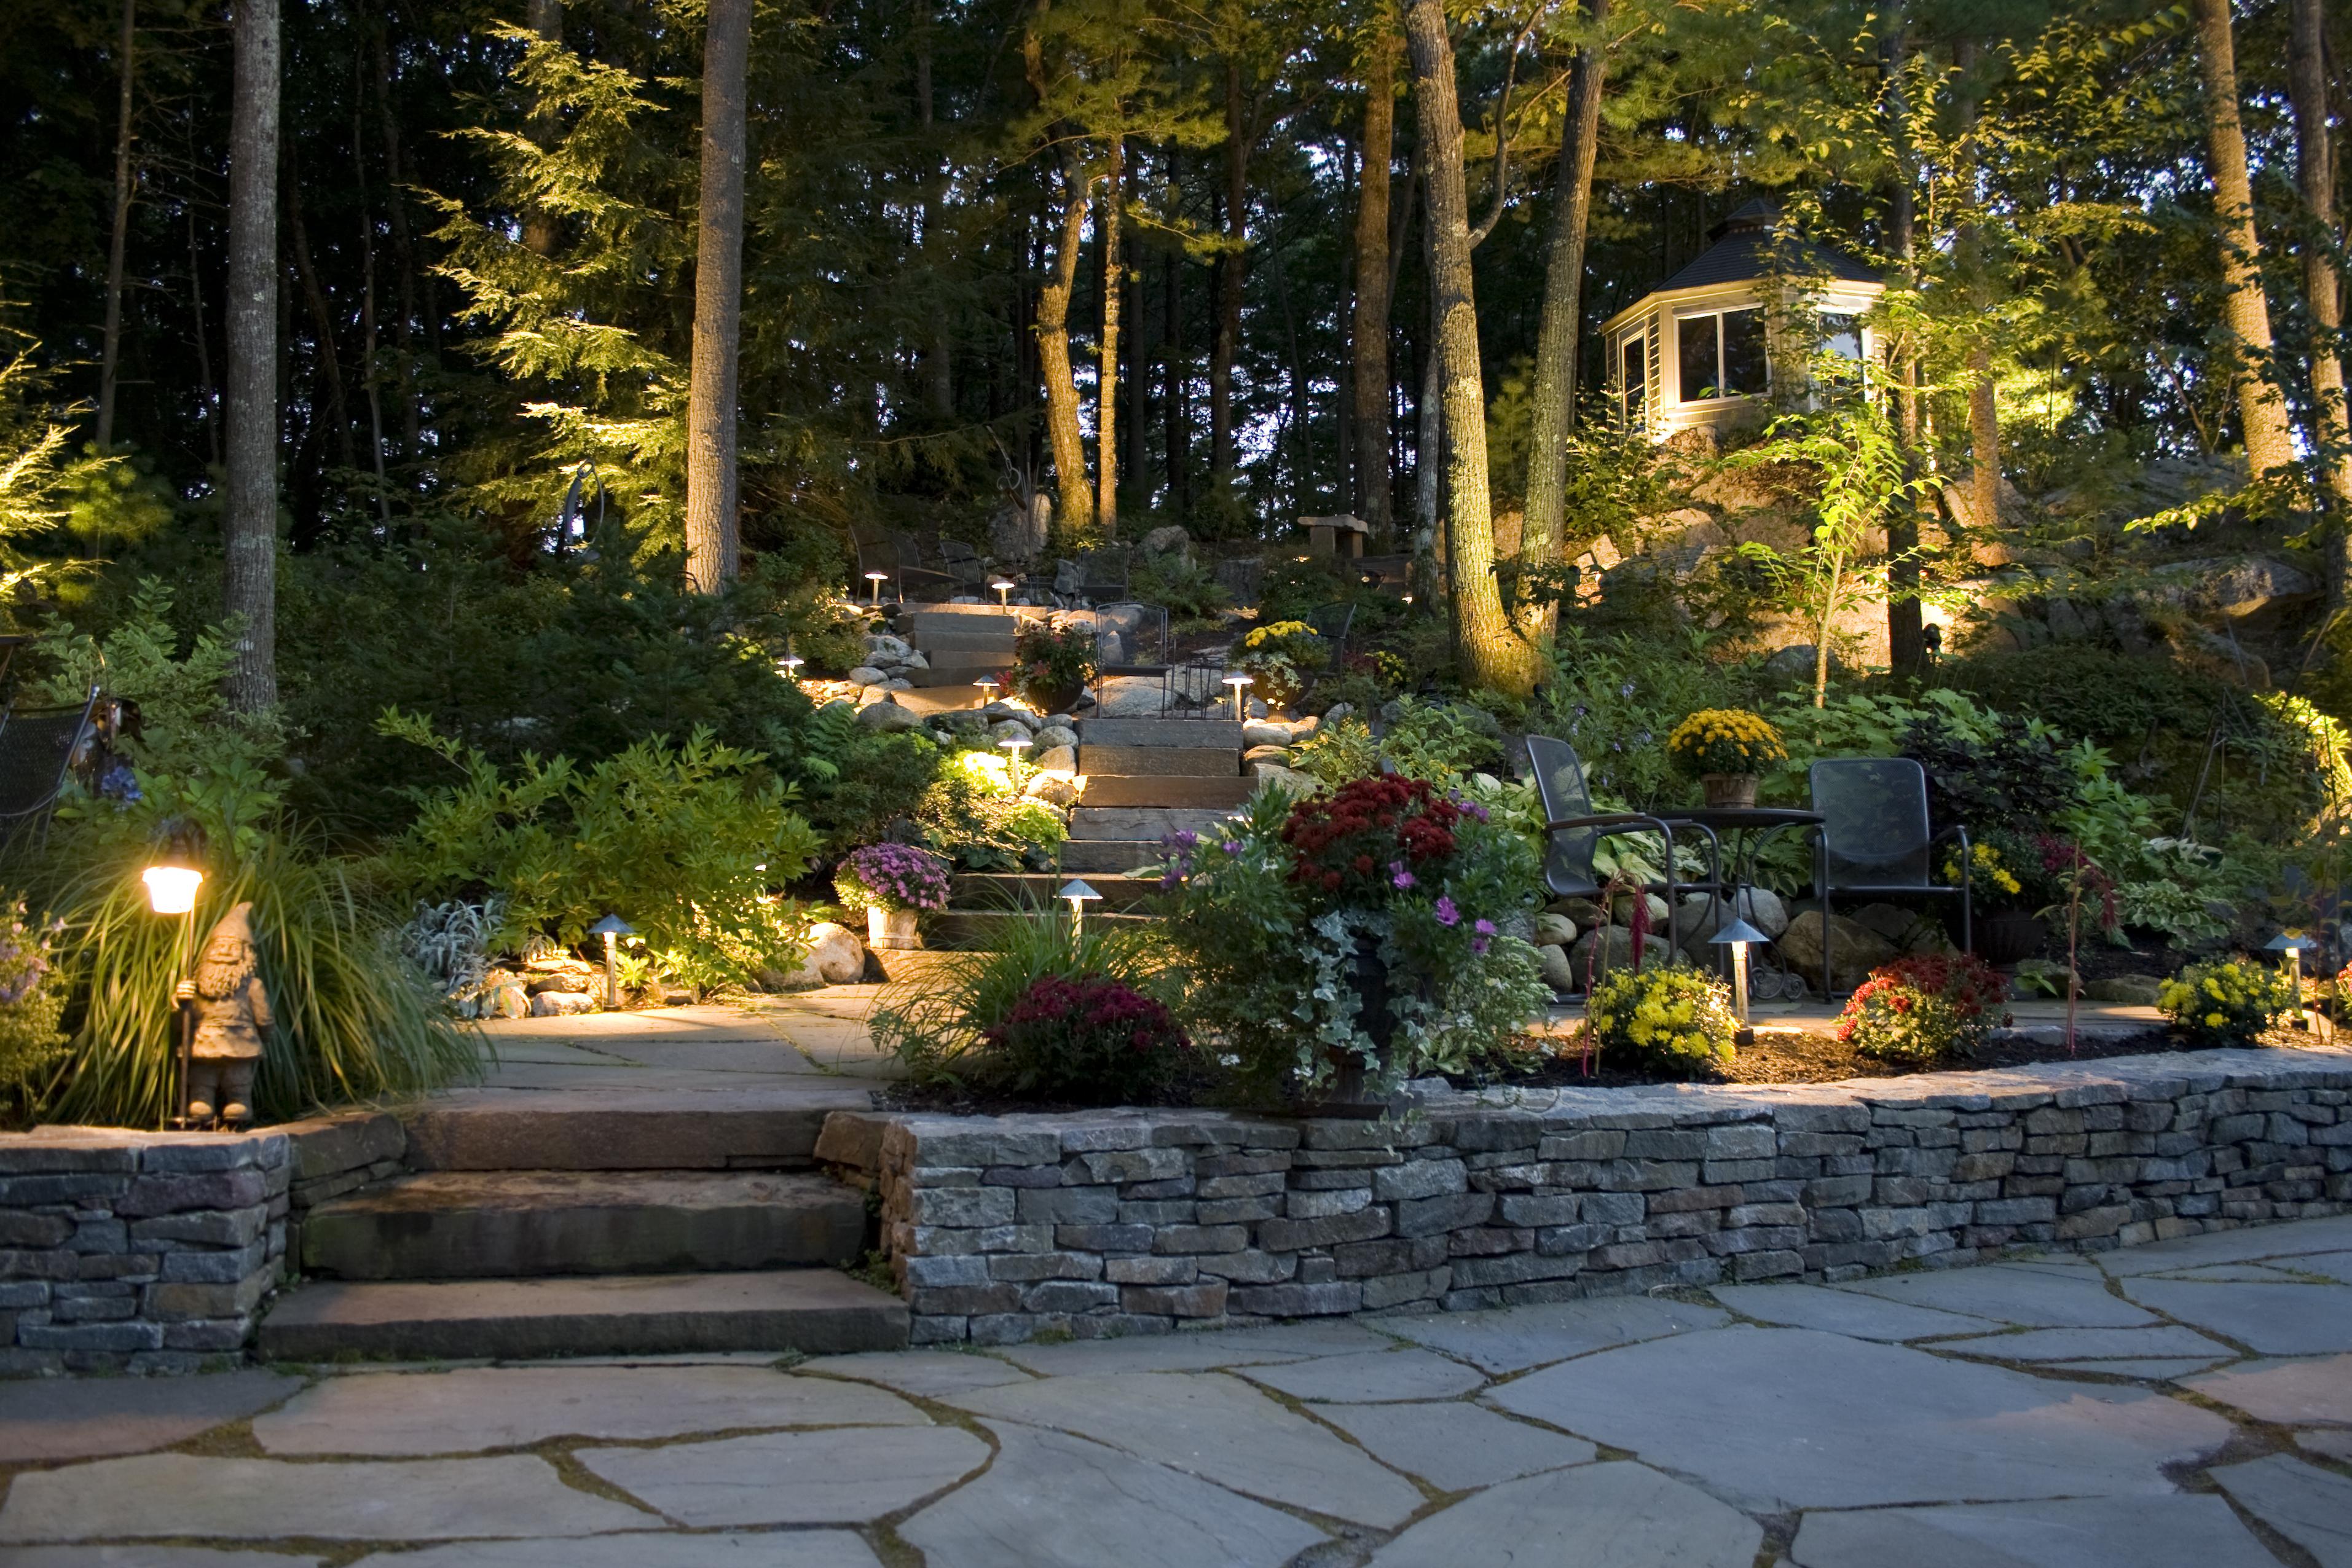 outdoor landscape lighting outdoor-landscape-lighting-3 VCVBXZH